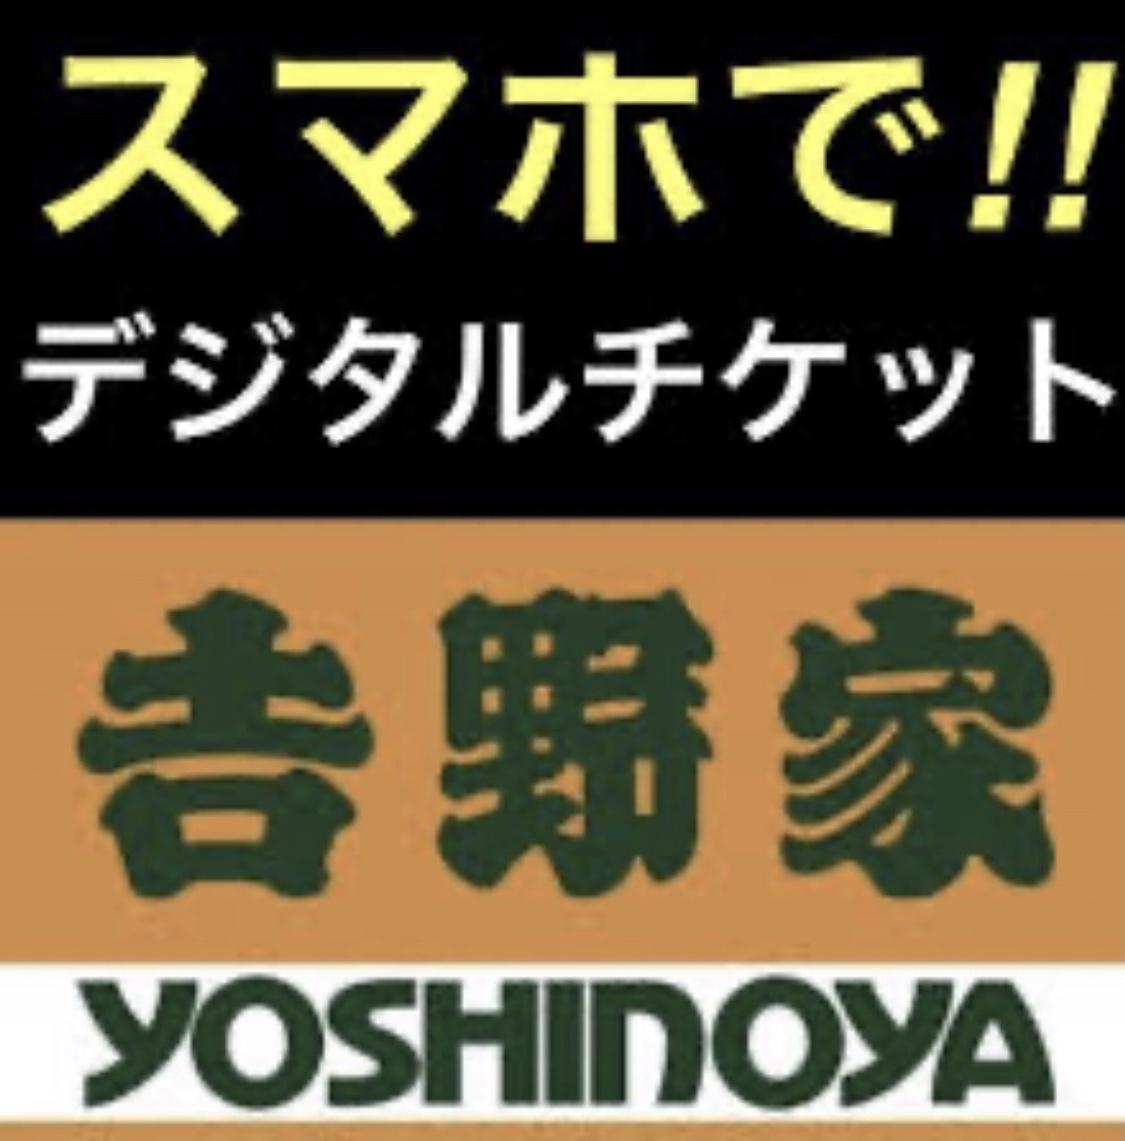 吉野家 1000円分 ギフト クーポン デジタルチケット